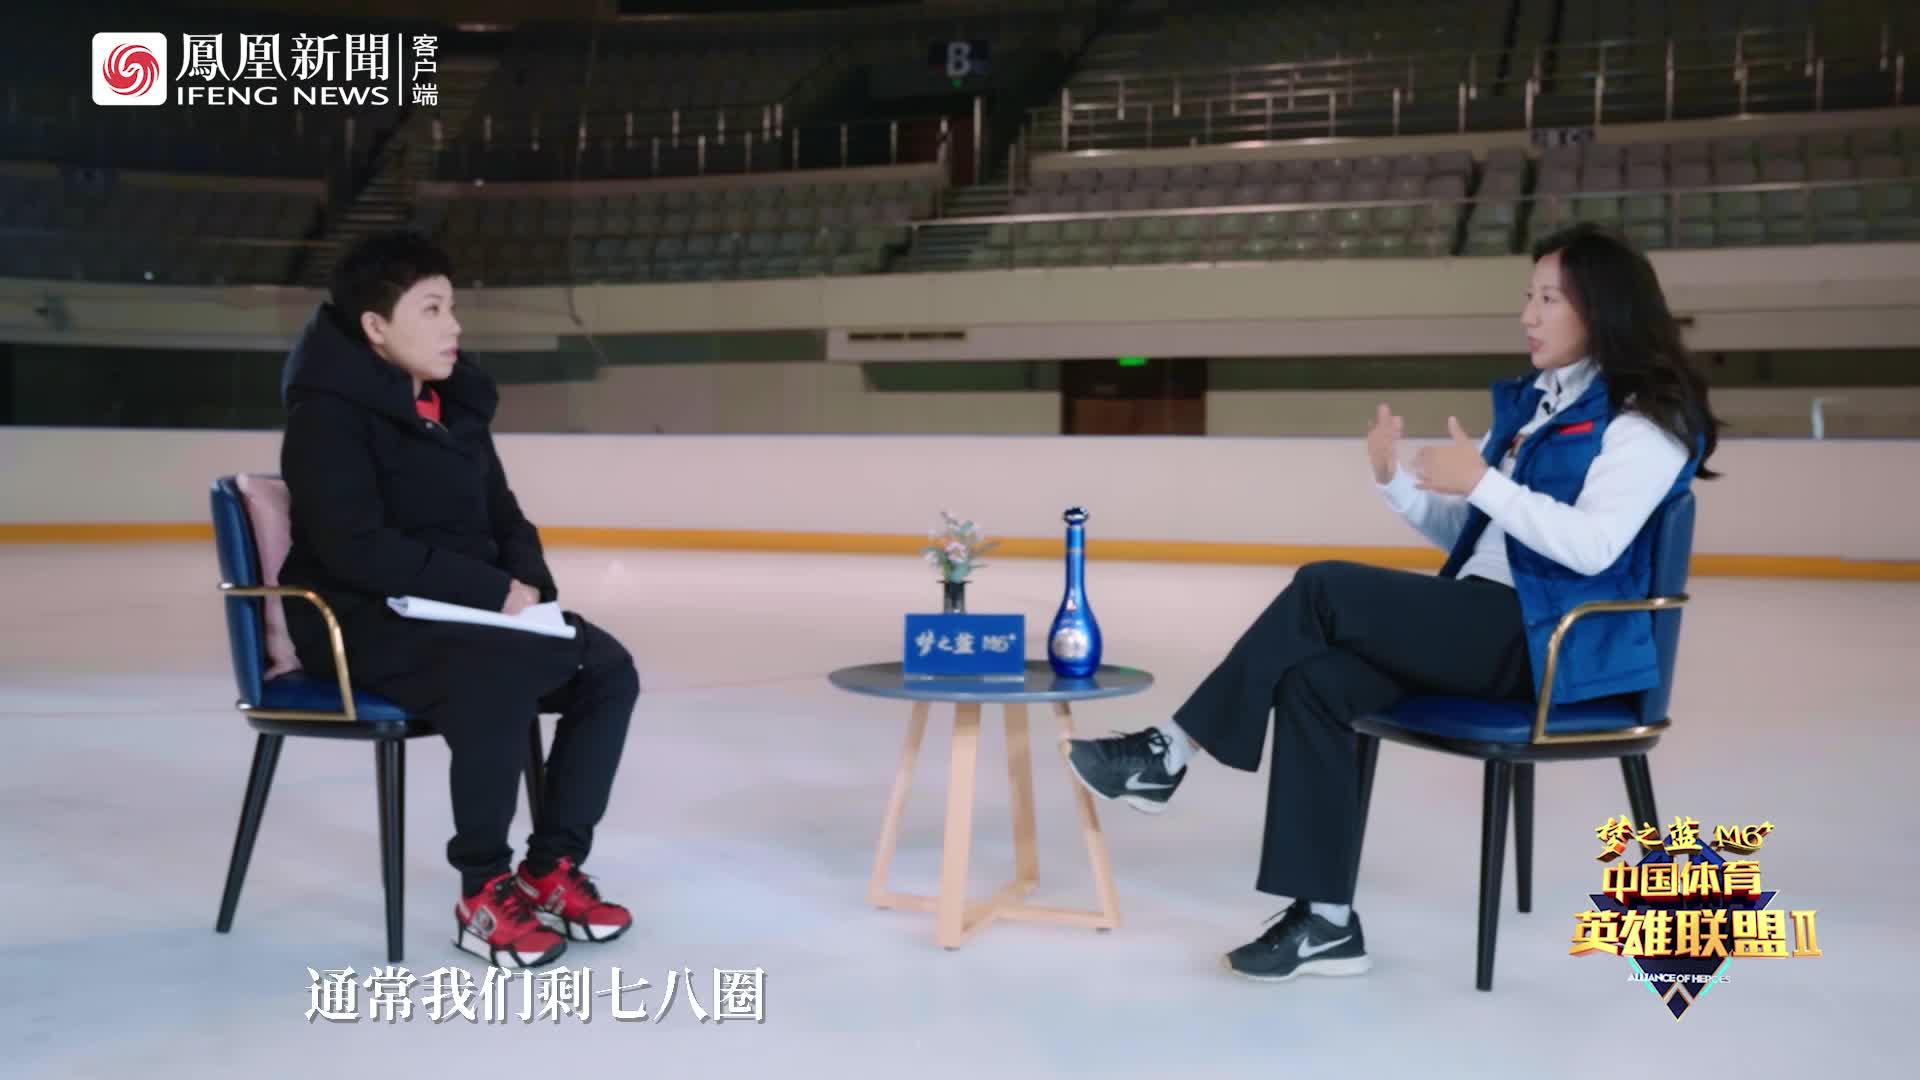 第一期|冬奥首金大杨扬:拿到银牌都算是失败